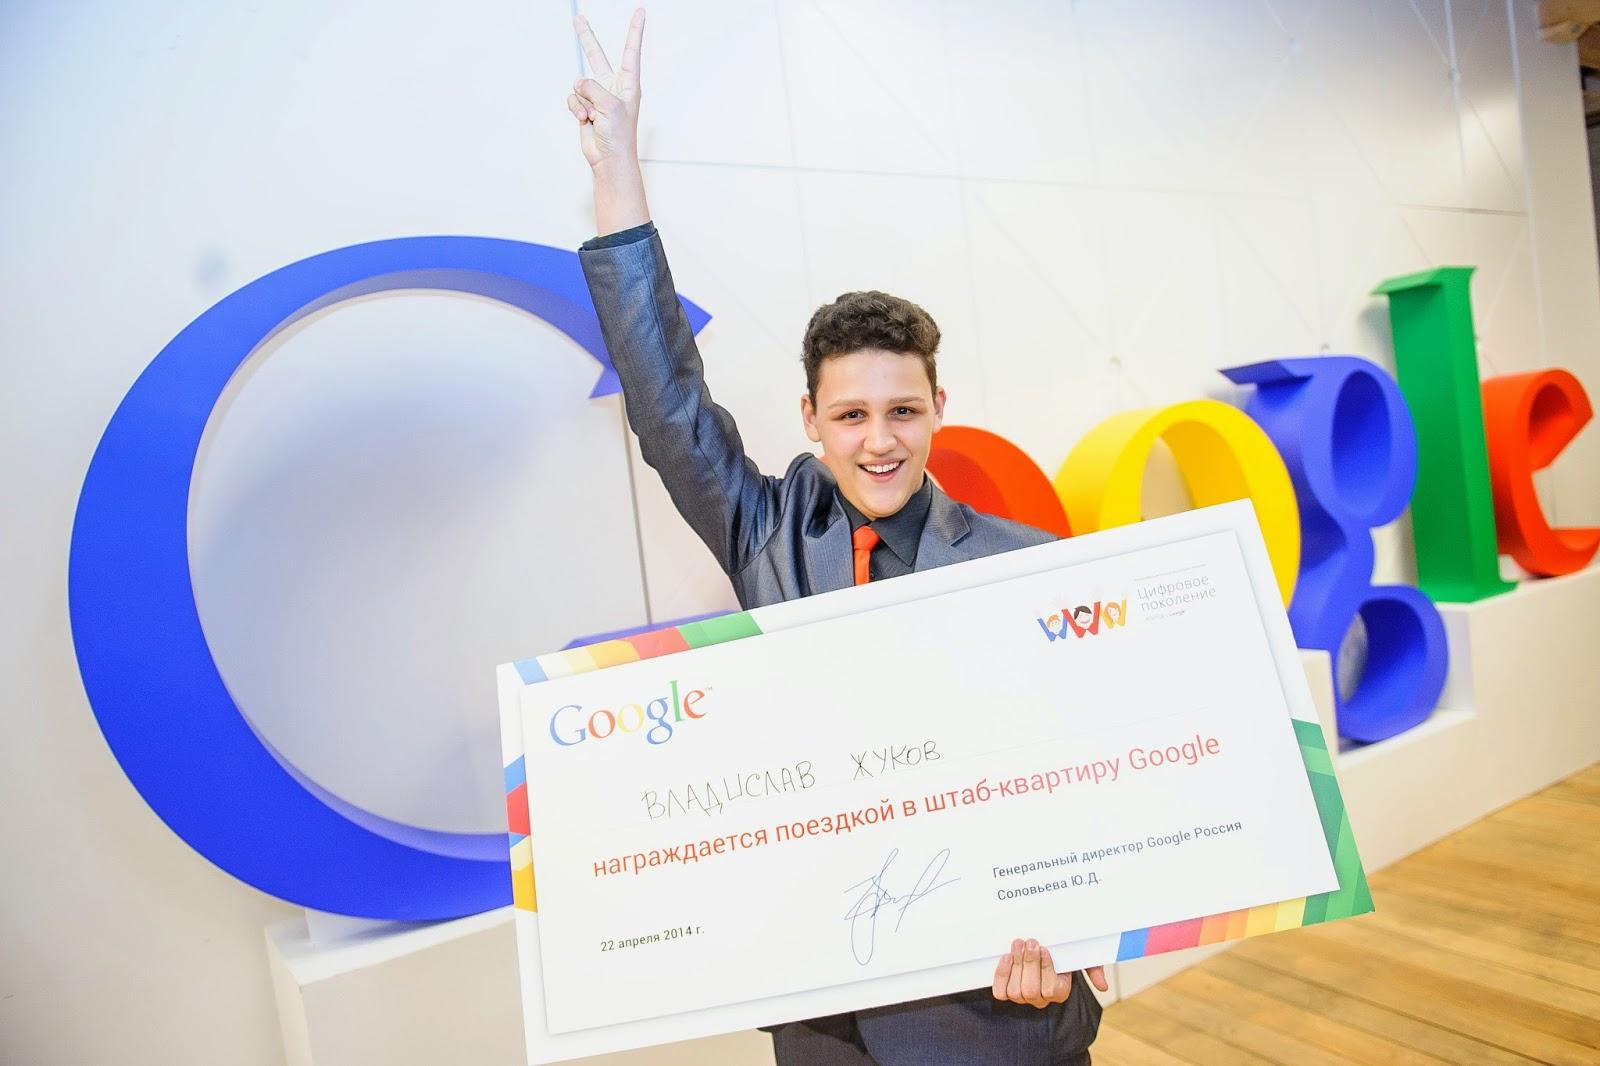 Владислав Жуков из города Сосновый Бор (Ленобласть) – абсолютный победитель конкурса